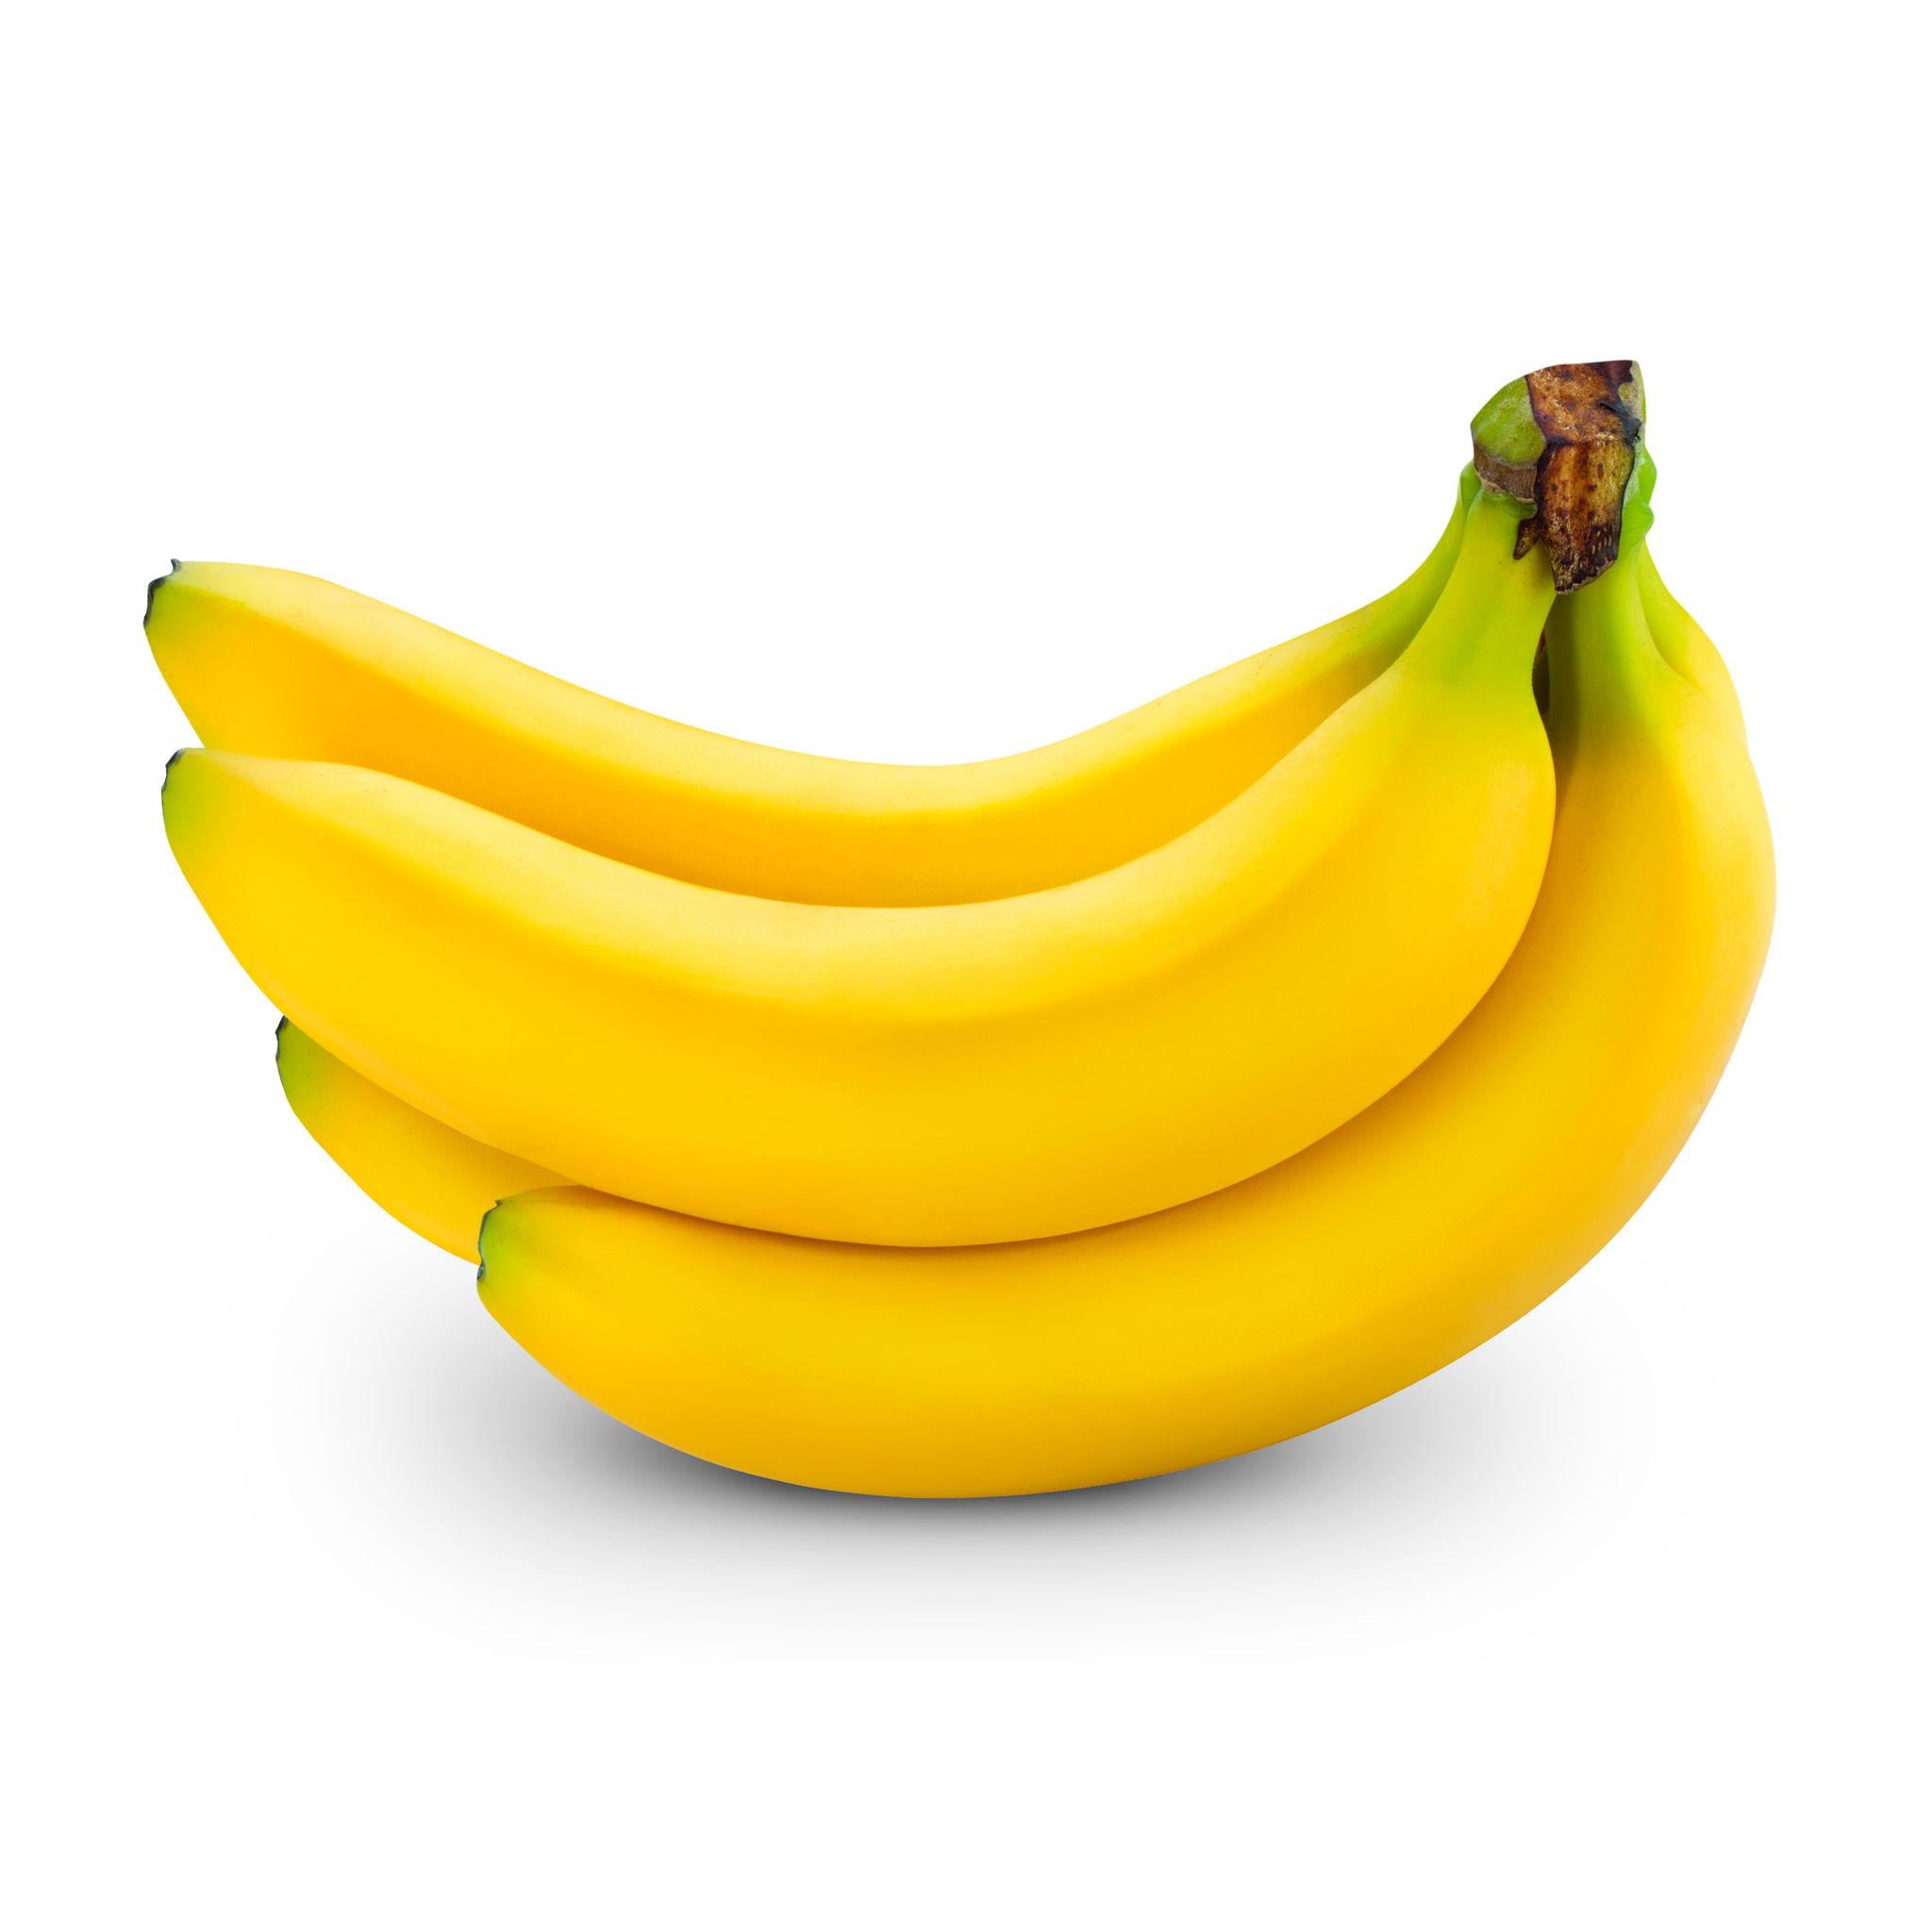 """Banán žlutý """"KS"""" (160-190 g)"""